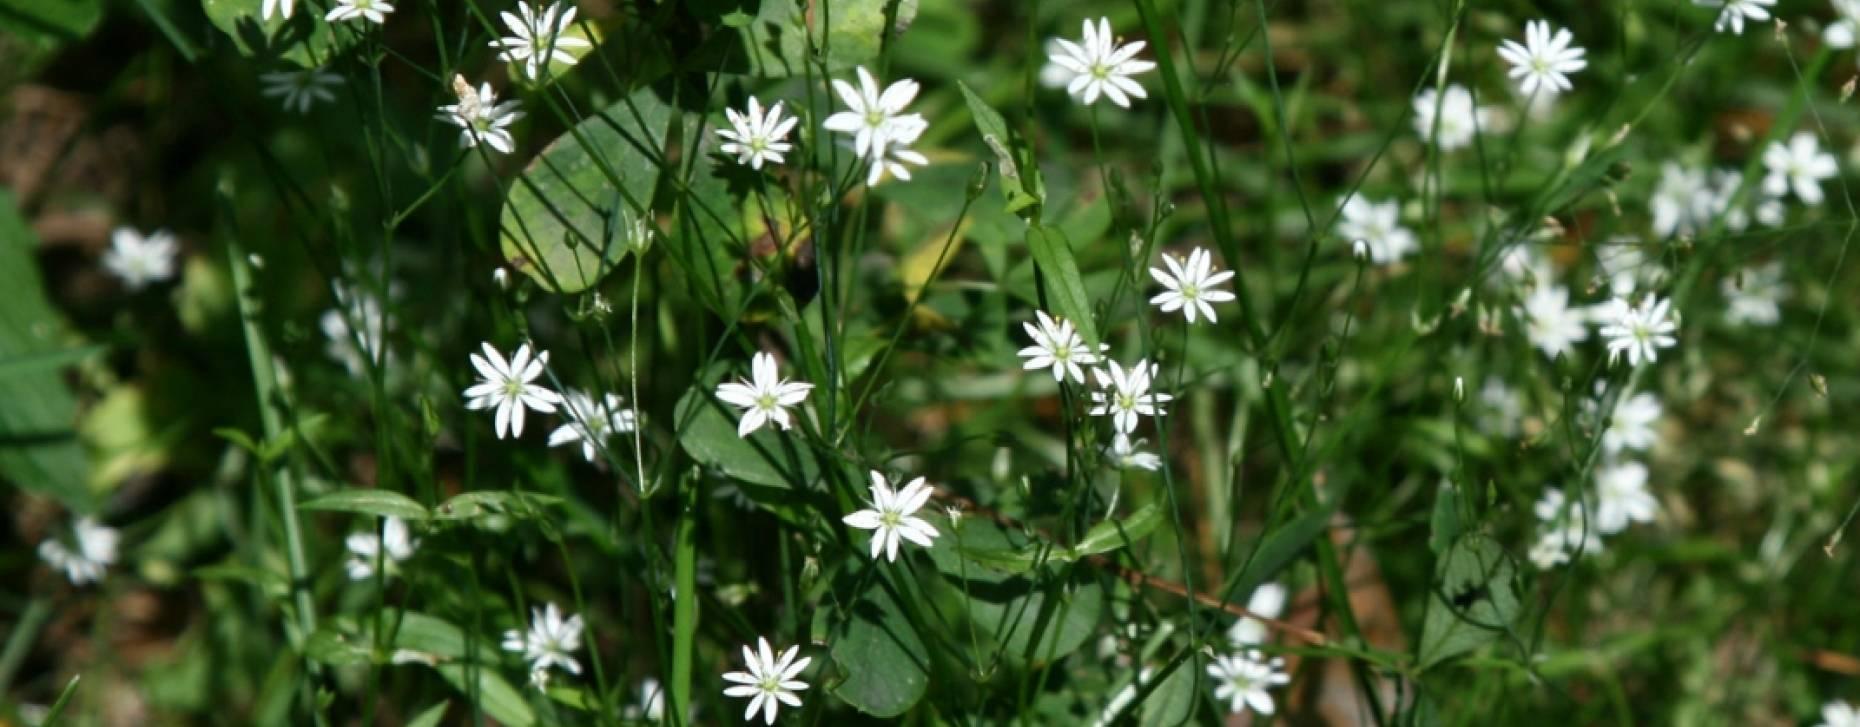 Трава мокрица: описание и целебные свойства